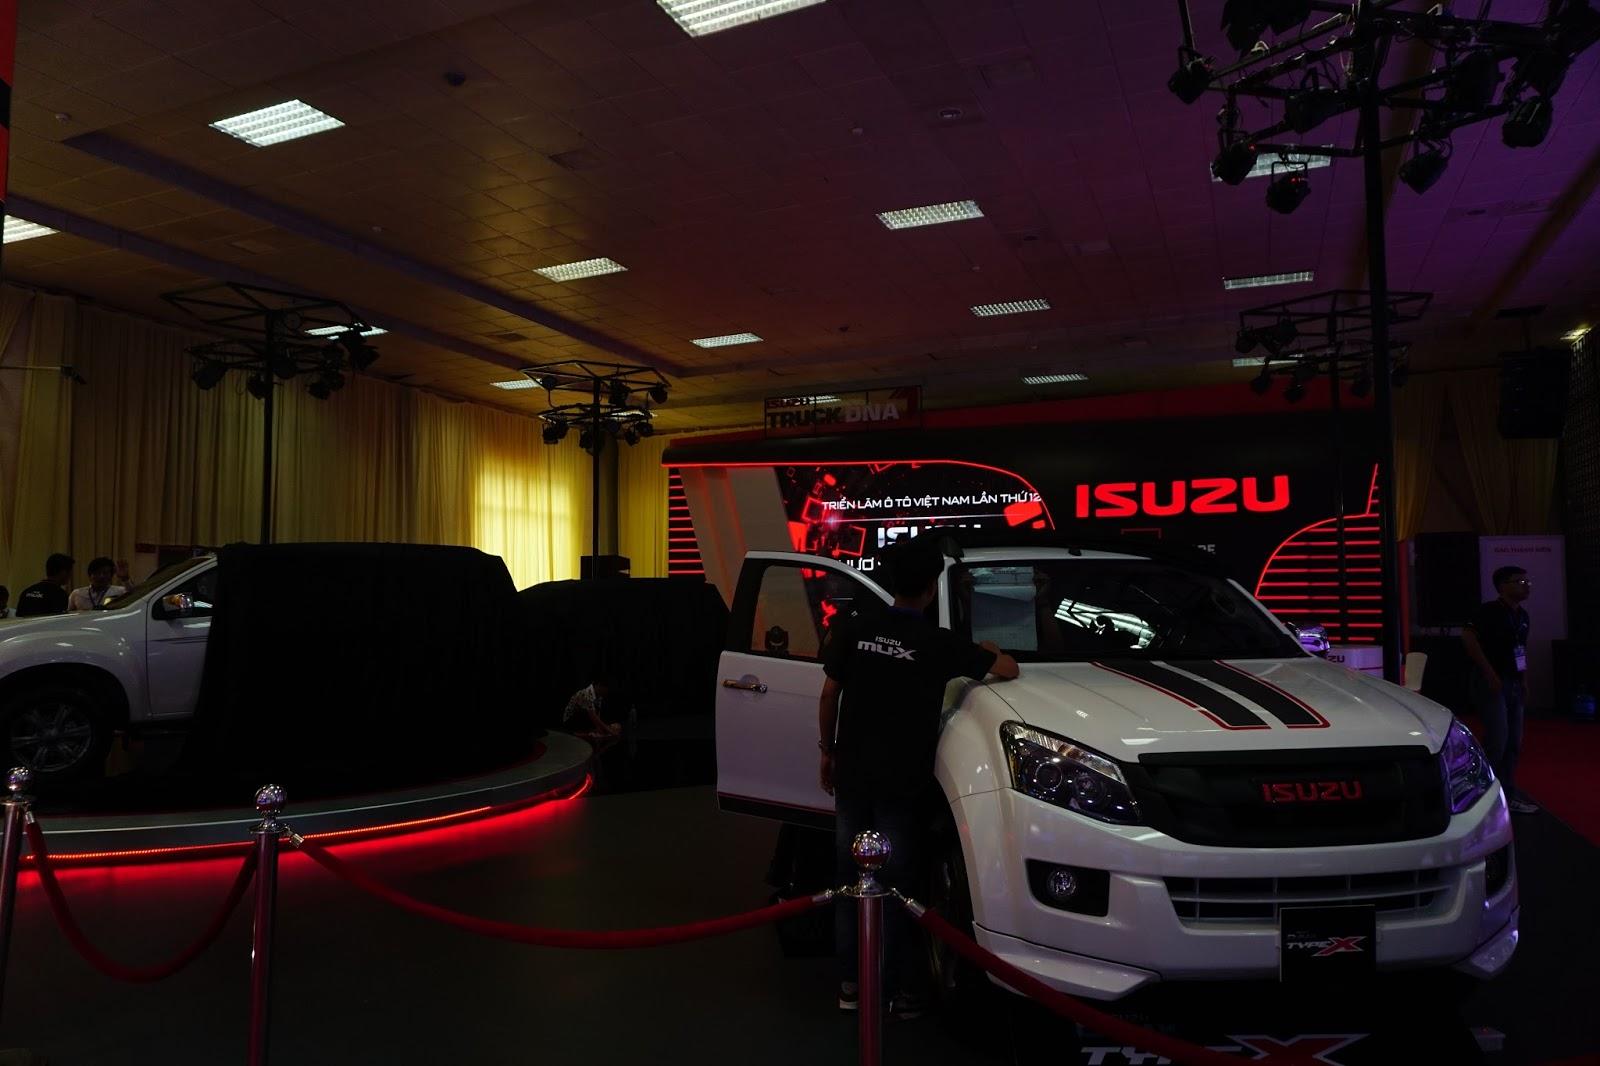 Gian hàng Isuzu sẽ giới thiệu MU-X đã ra mắt trước đó mấy tháng